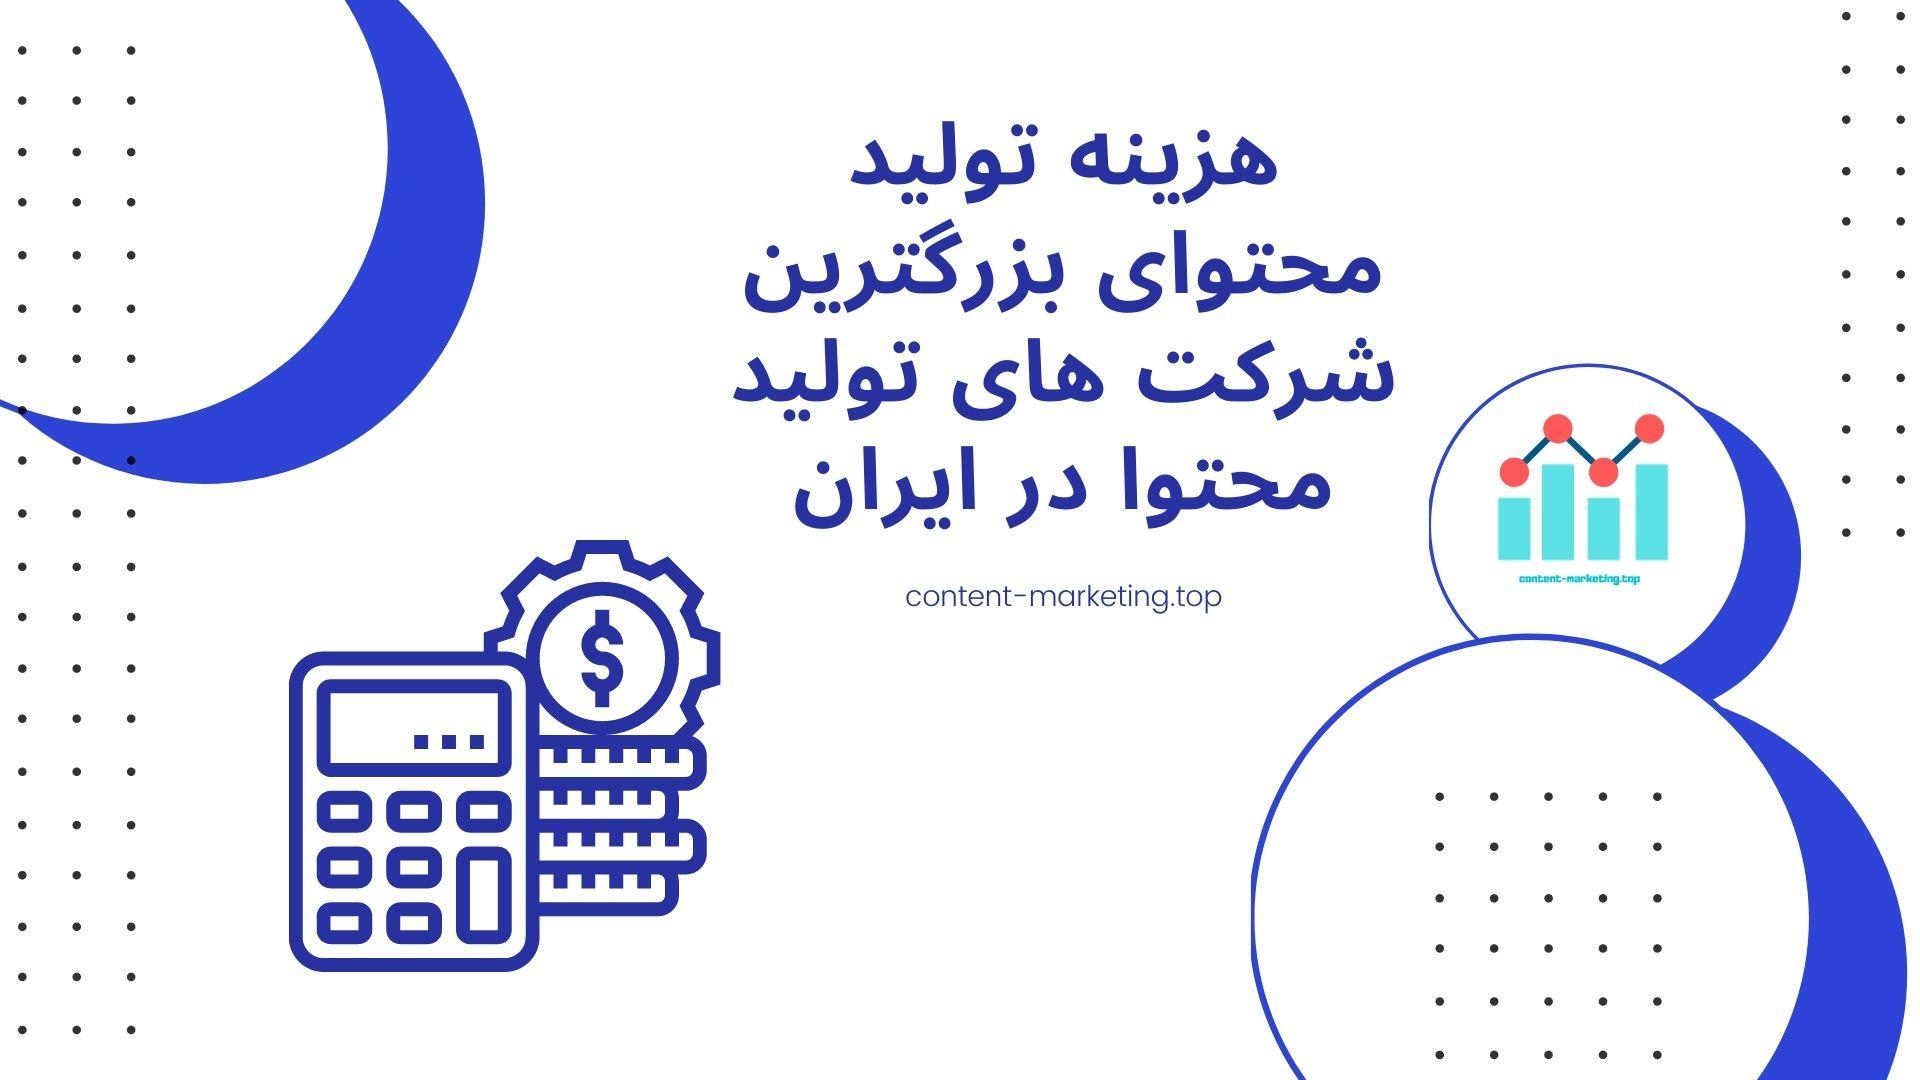 هزینه تولید محتوای بزرگترین شرکت های تولید محتوا در ایران